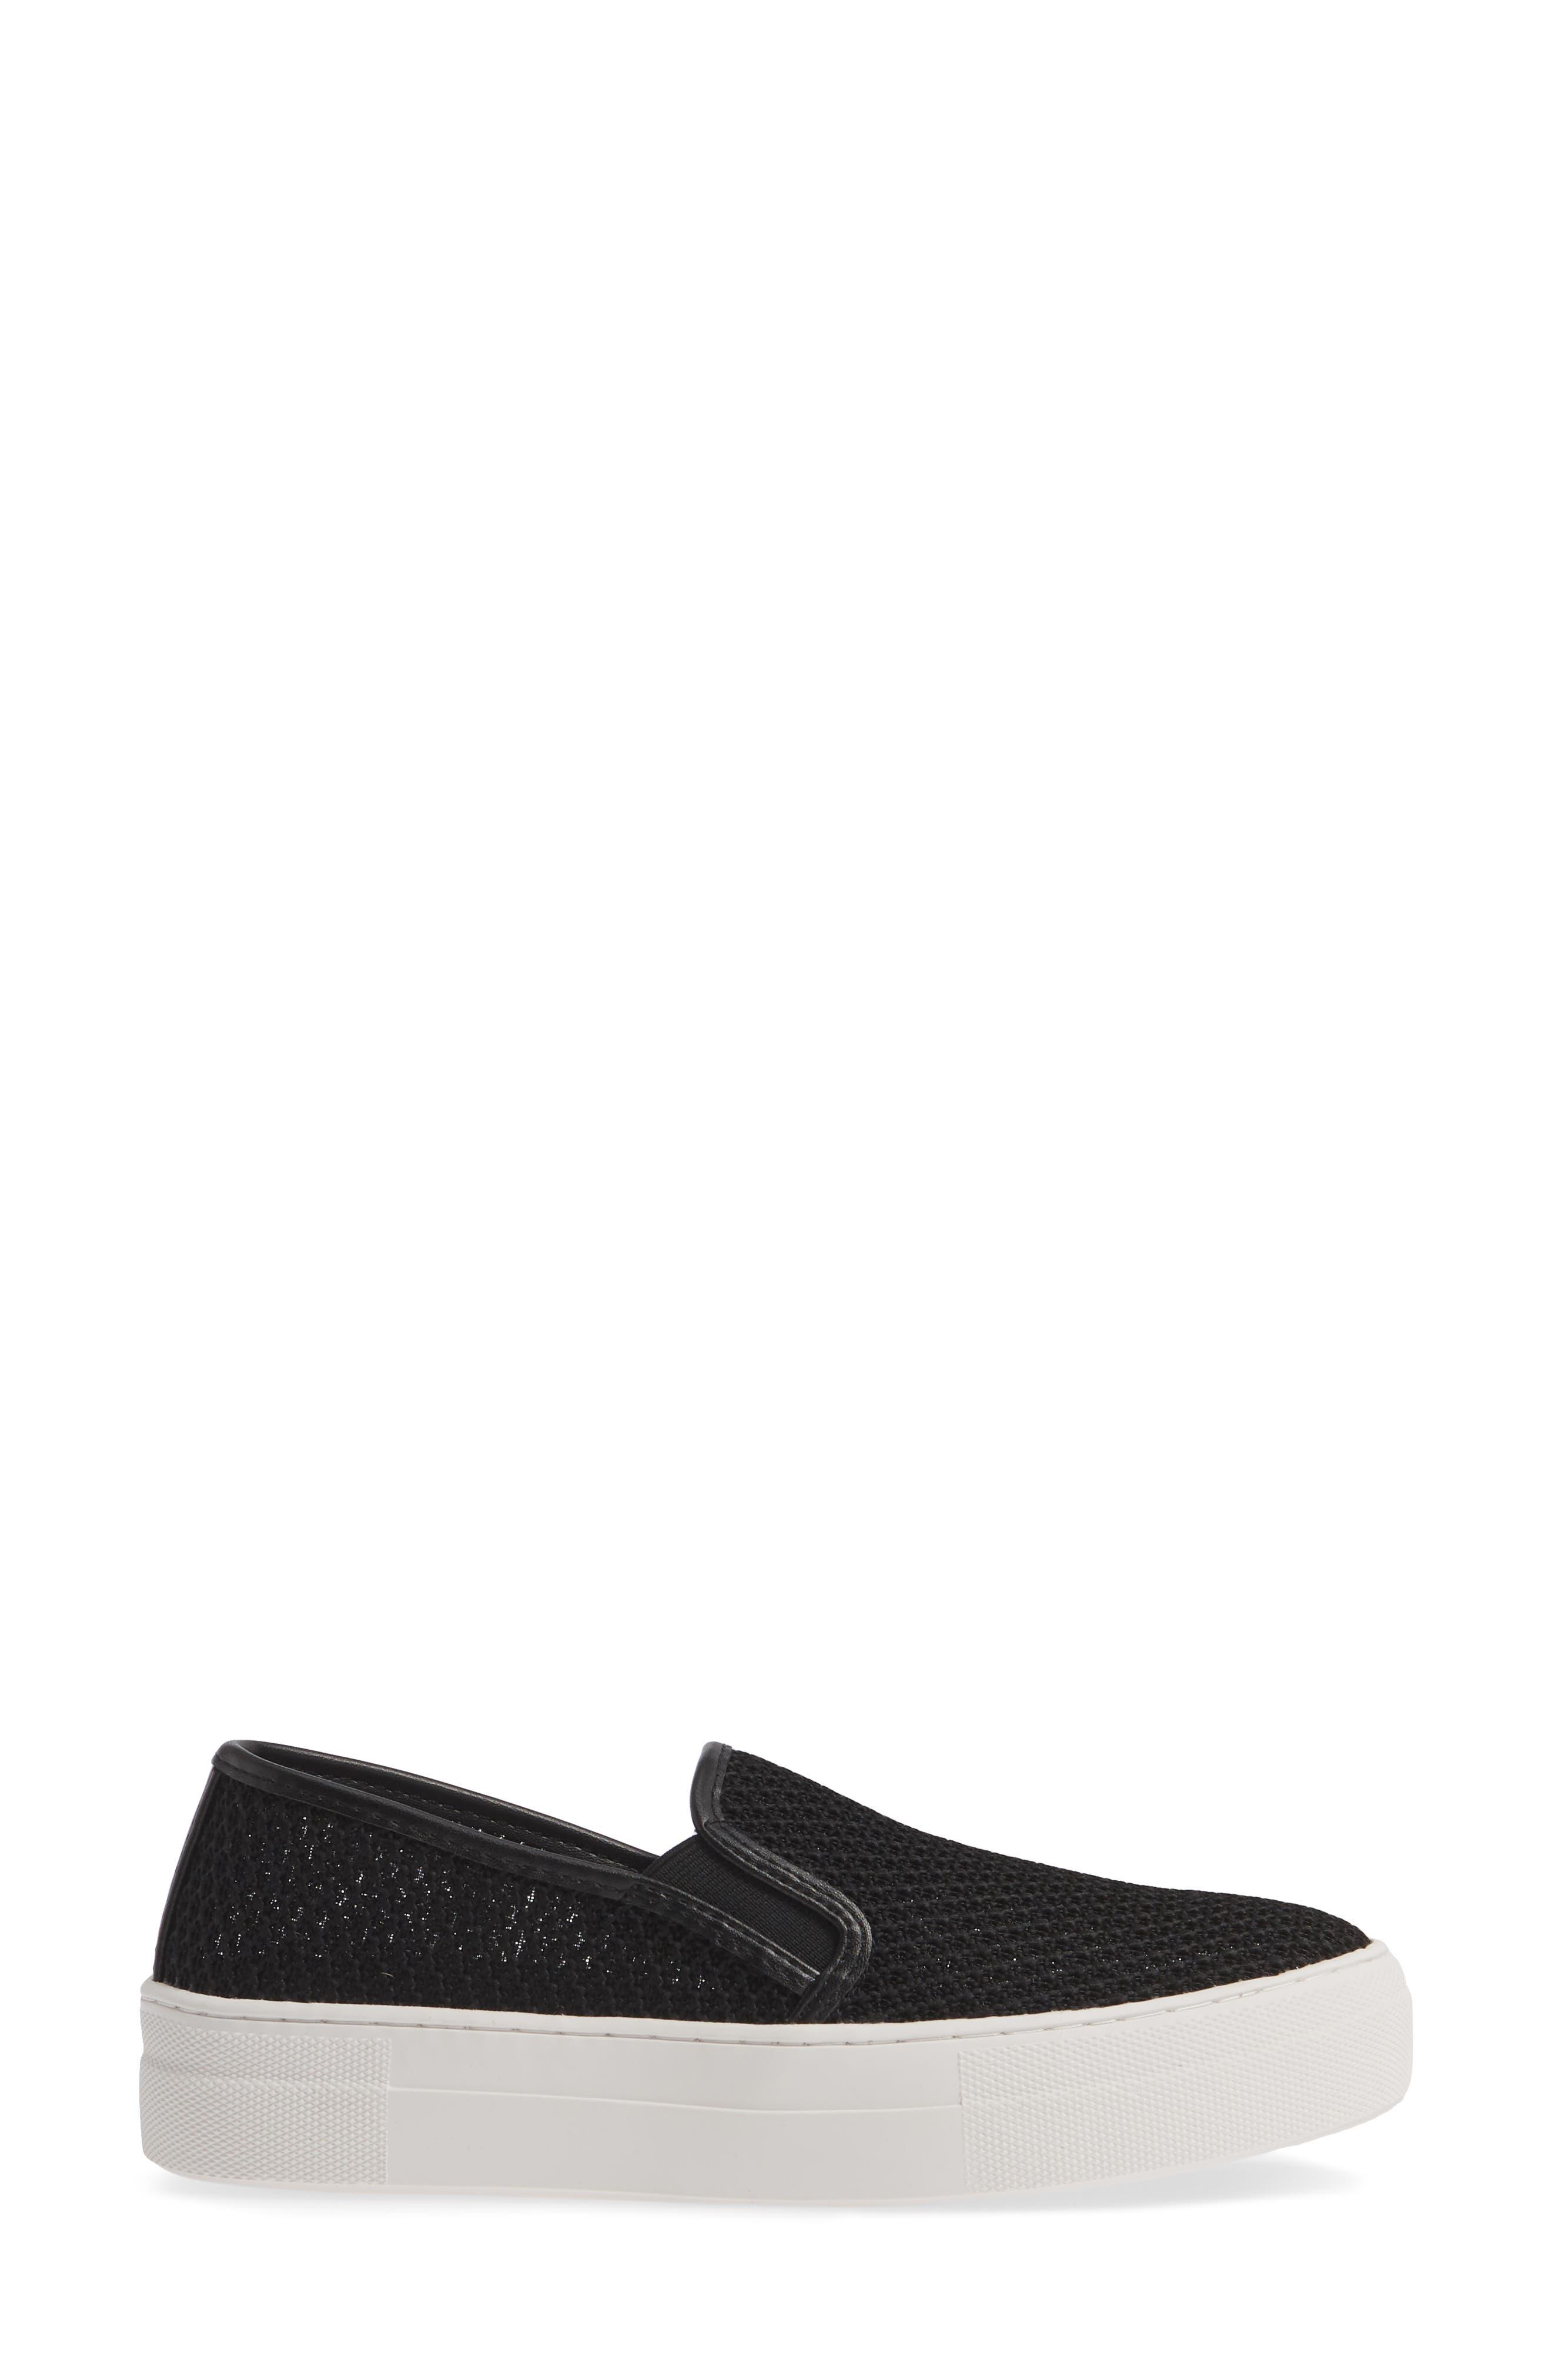 STEVE MADDEN, Gills-M Mesh Slip-On Sneaker, Alternate thumbnail 3, color, BLACK